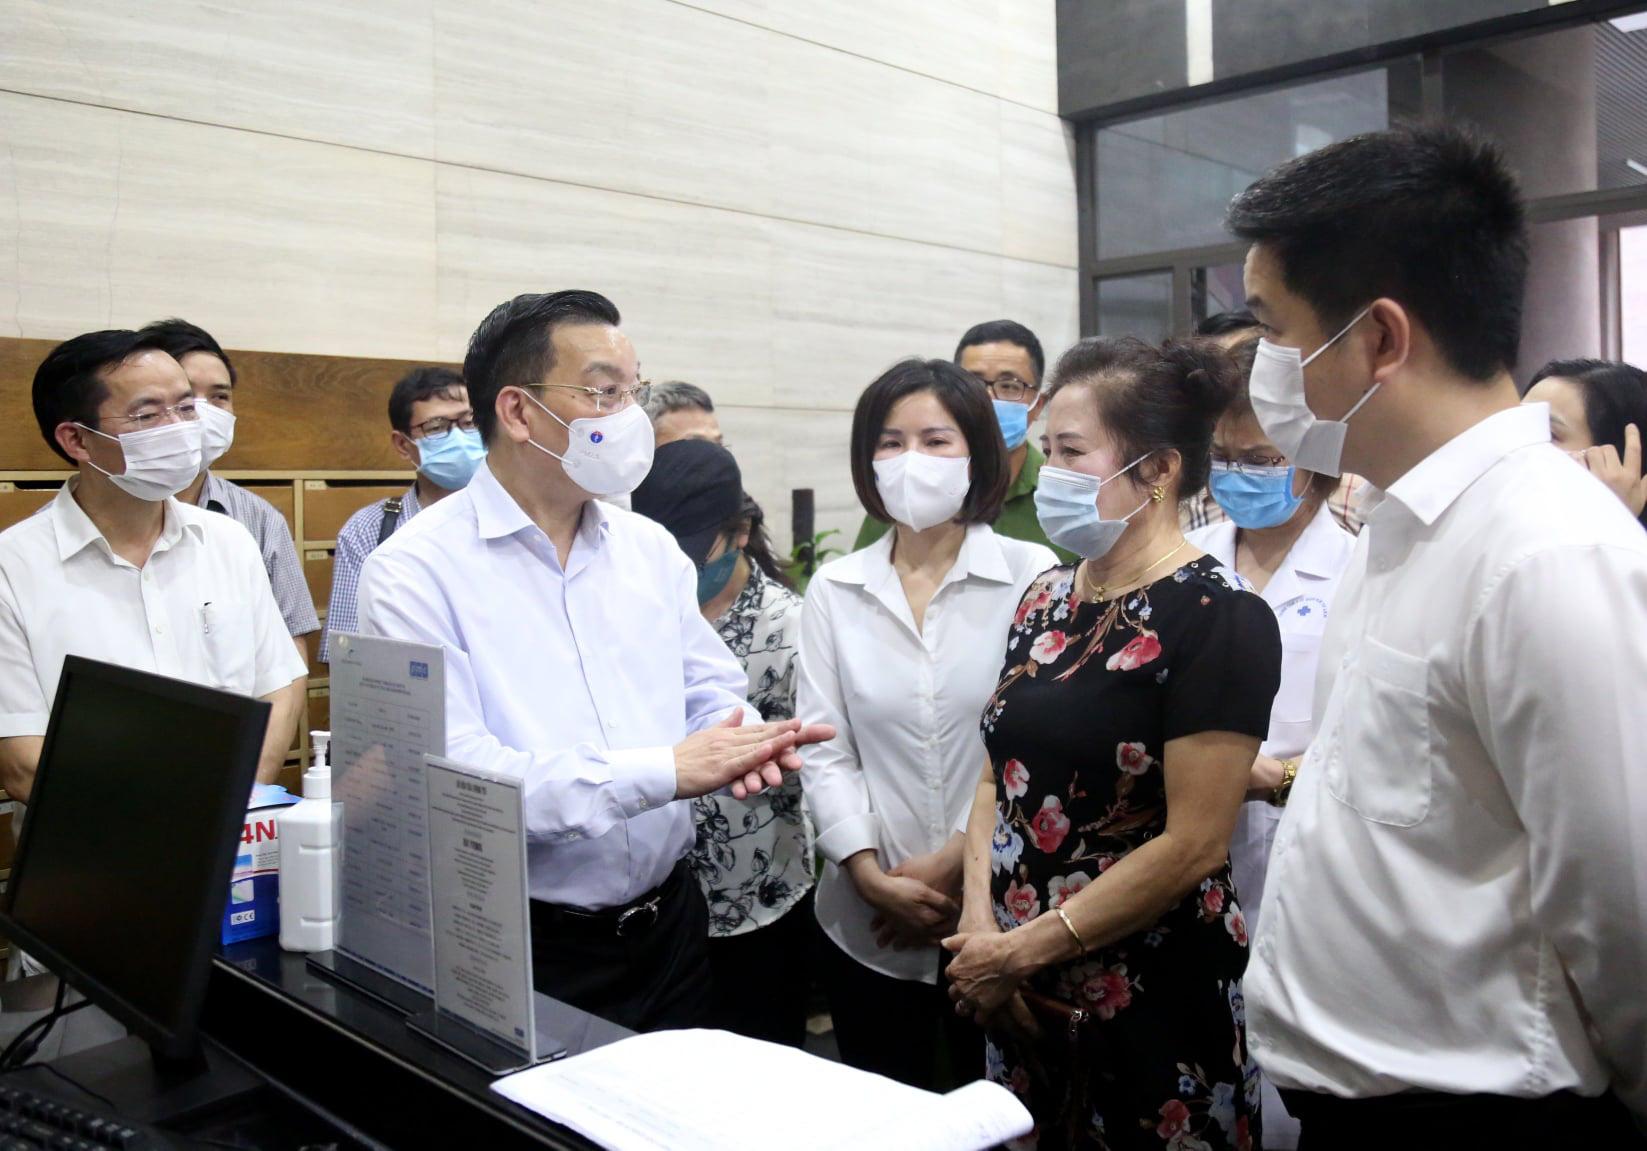 Chủ tịch Hà Nội đến sân bay, bến xe và chung cư đi kiểm tra phòng chống dịch Covid-19 - Ảnh 1.